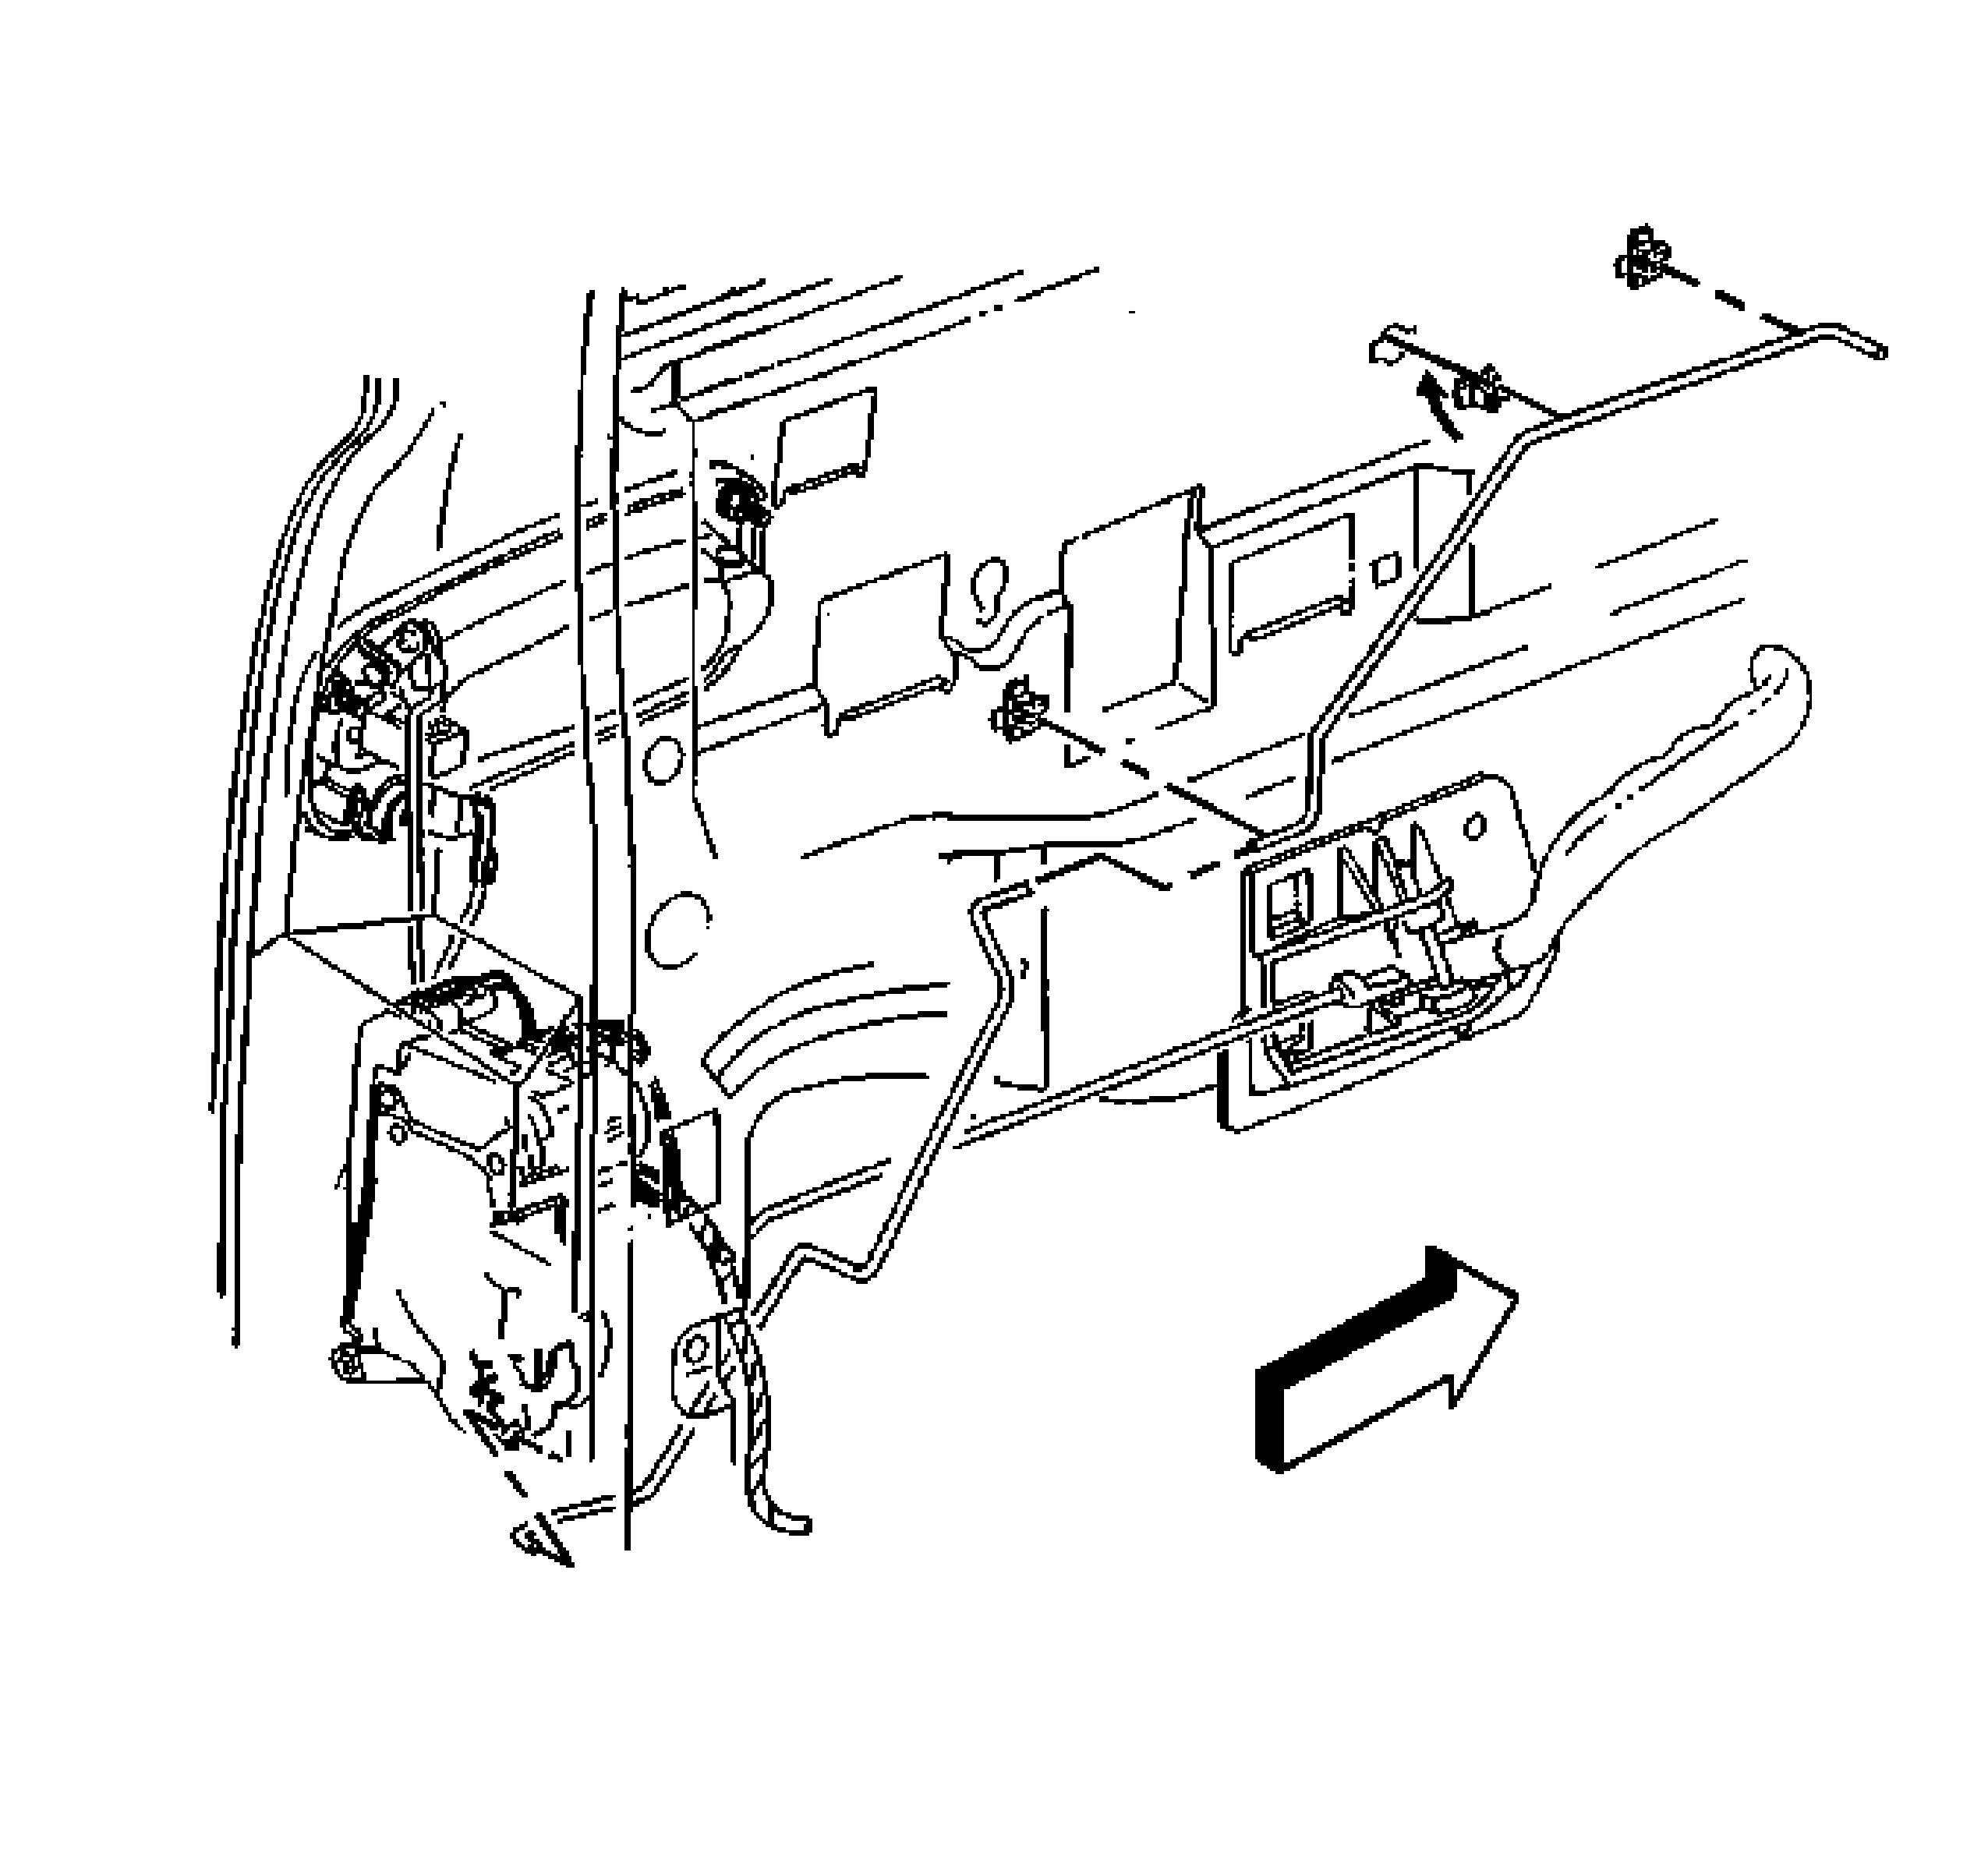 2003 chevy silverado parts diagram